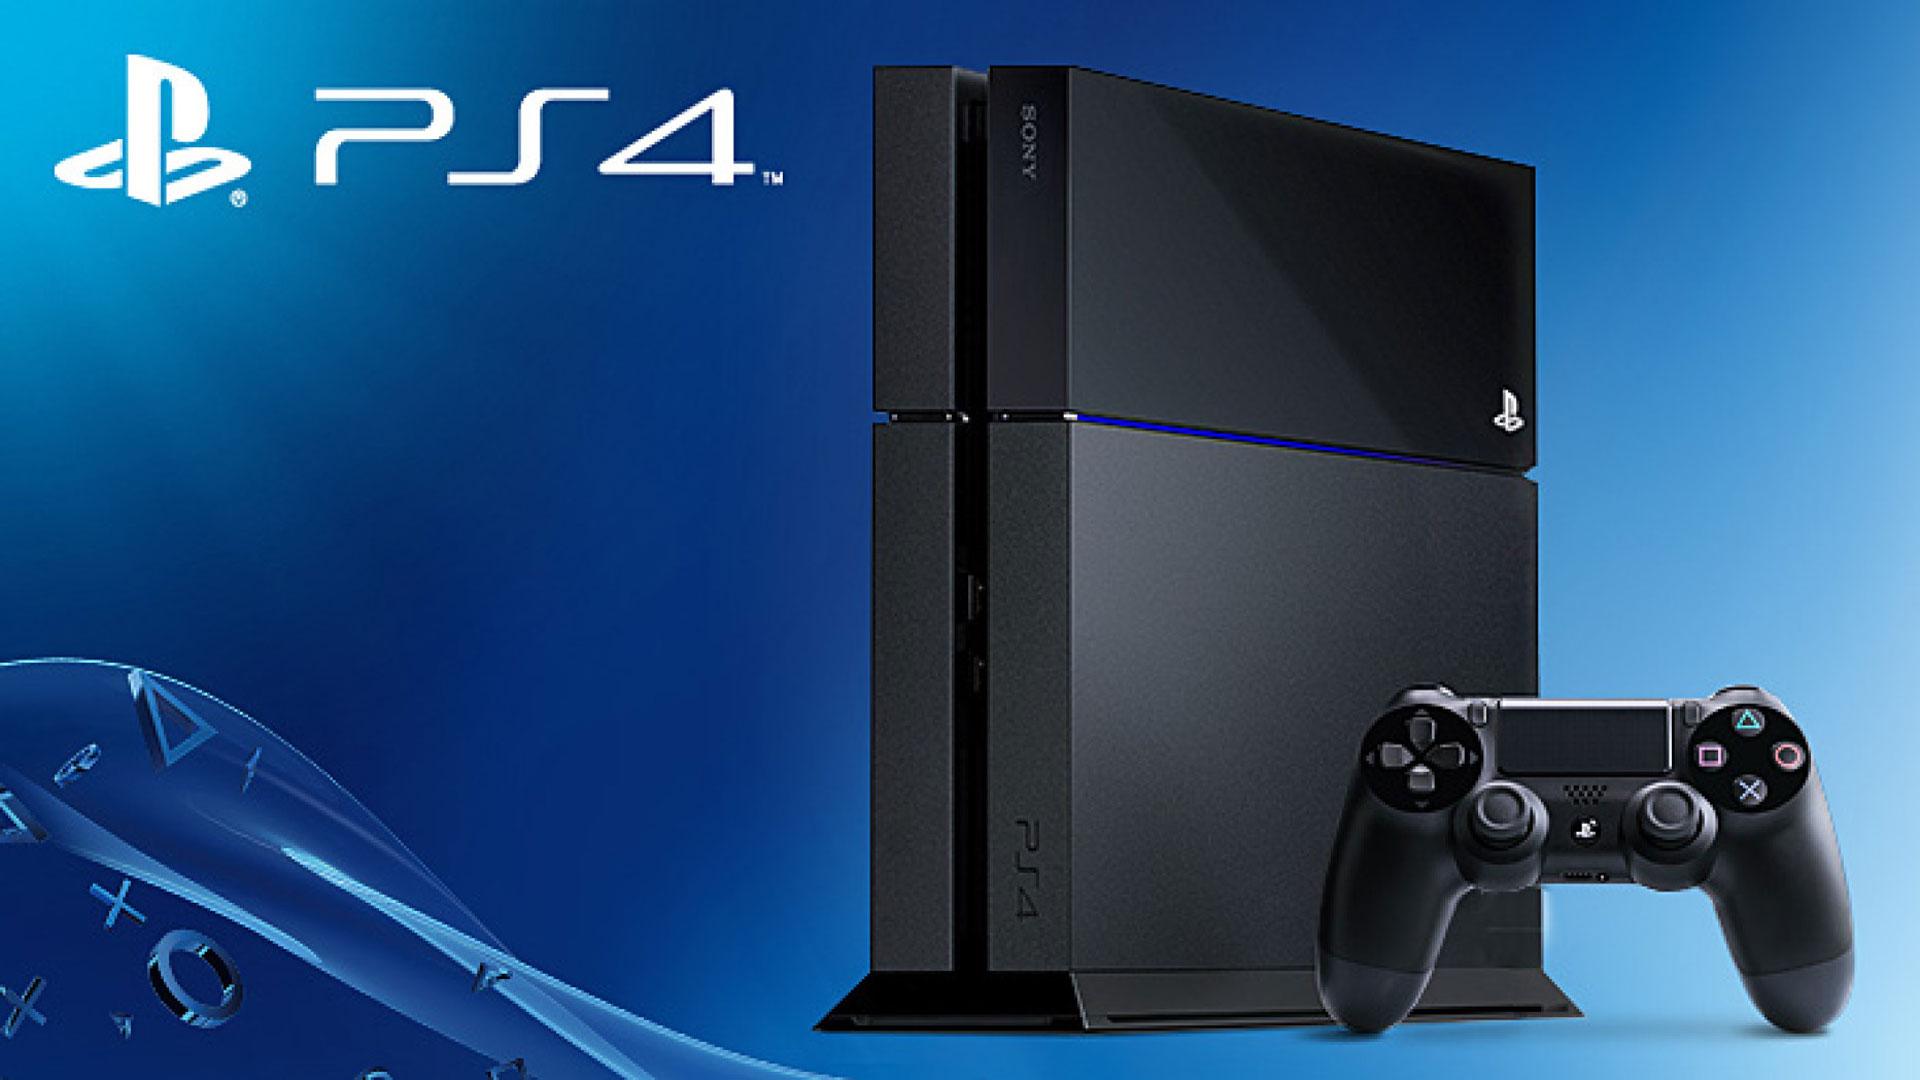 Rəsmi məlumat: PS2 oyunlarını PS4-də oynamaq mümkün olacaq